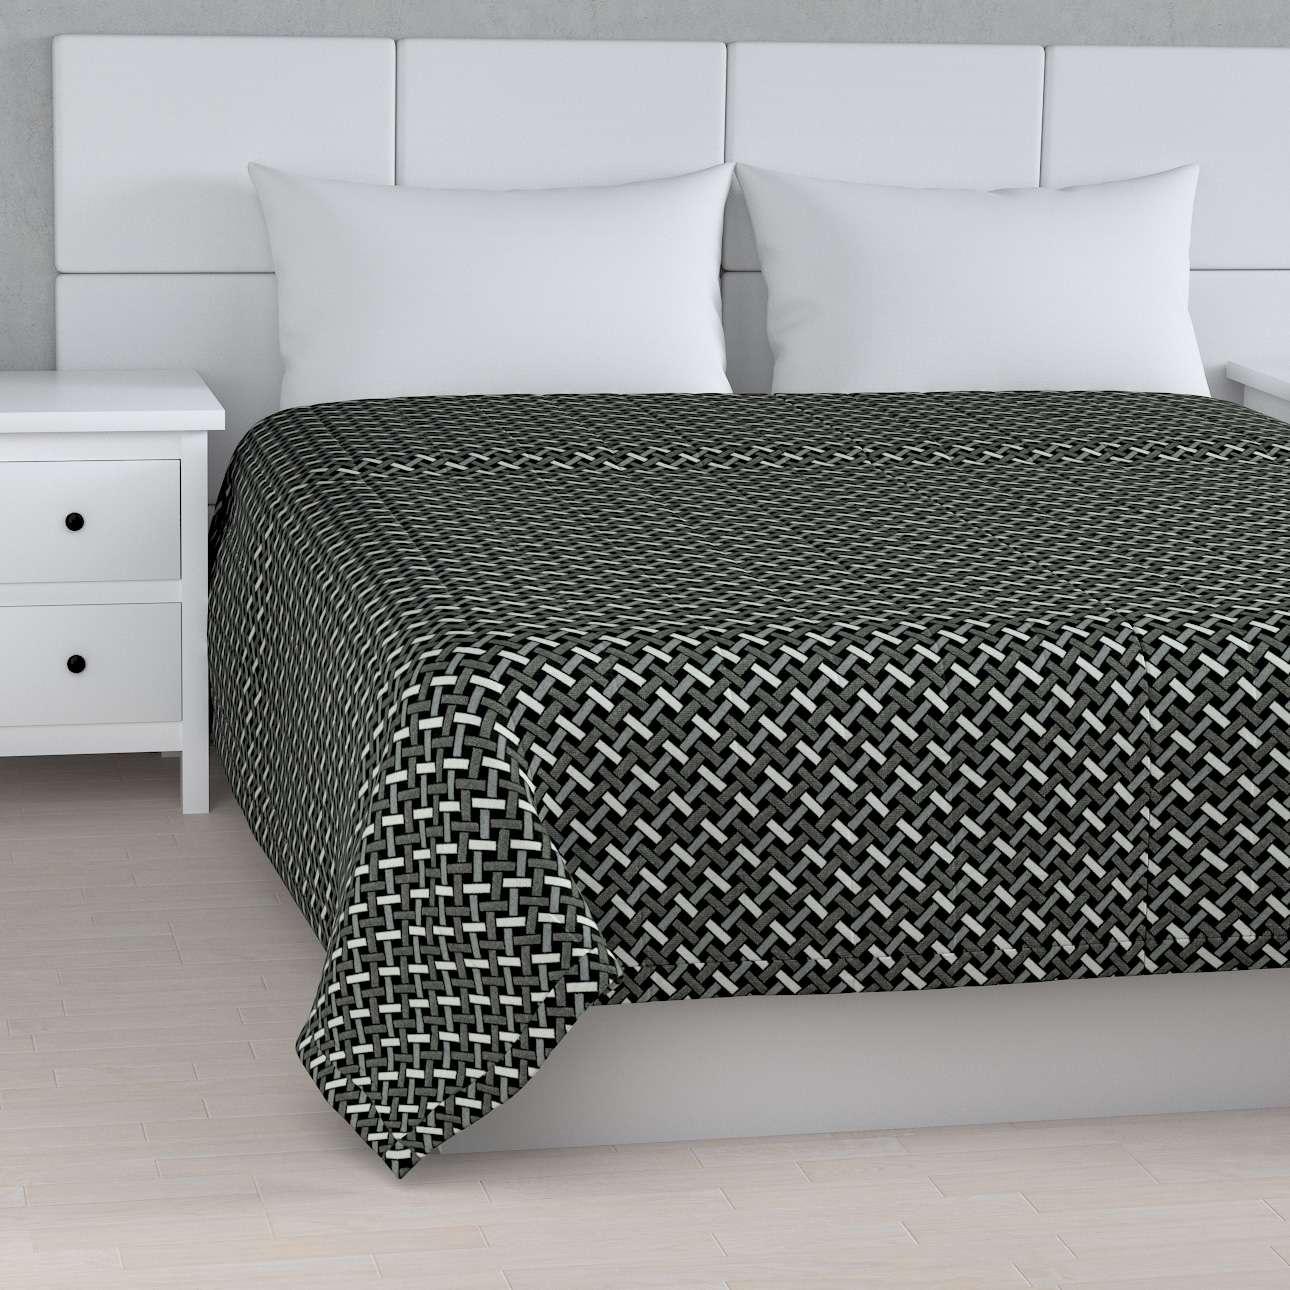 Basic steppelt takaró a kollekcióból Black & White szövet, Dekoranyag: 142-87